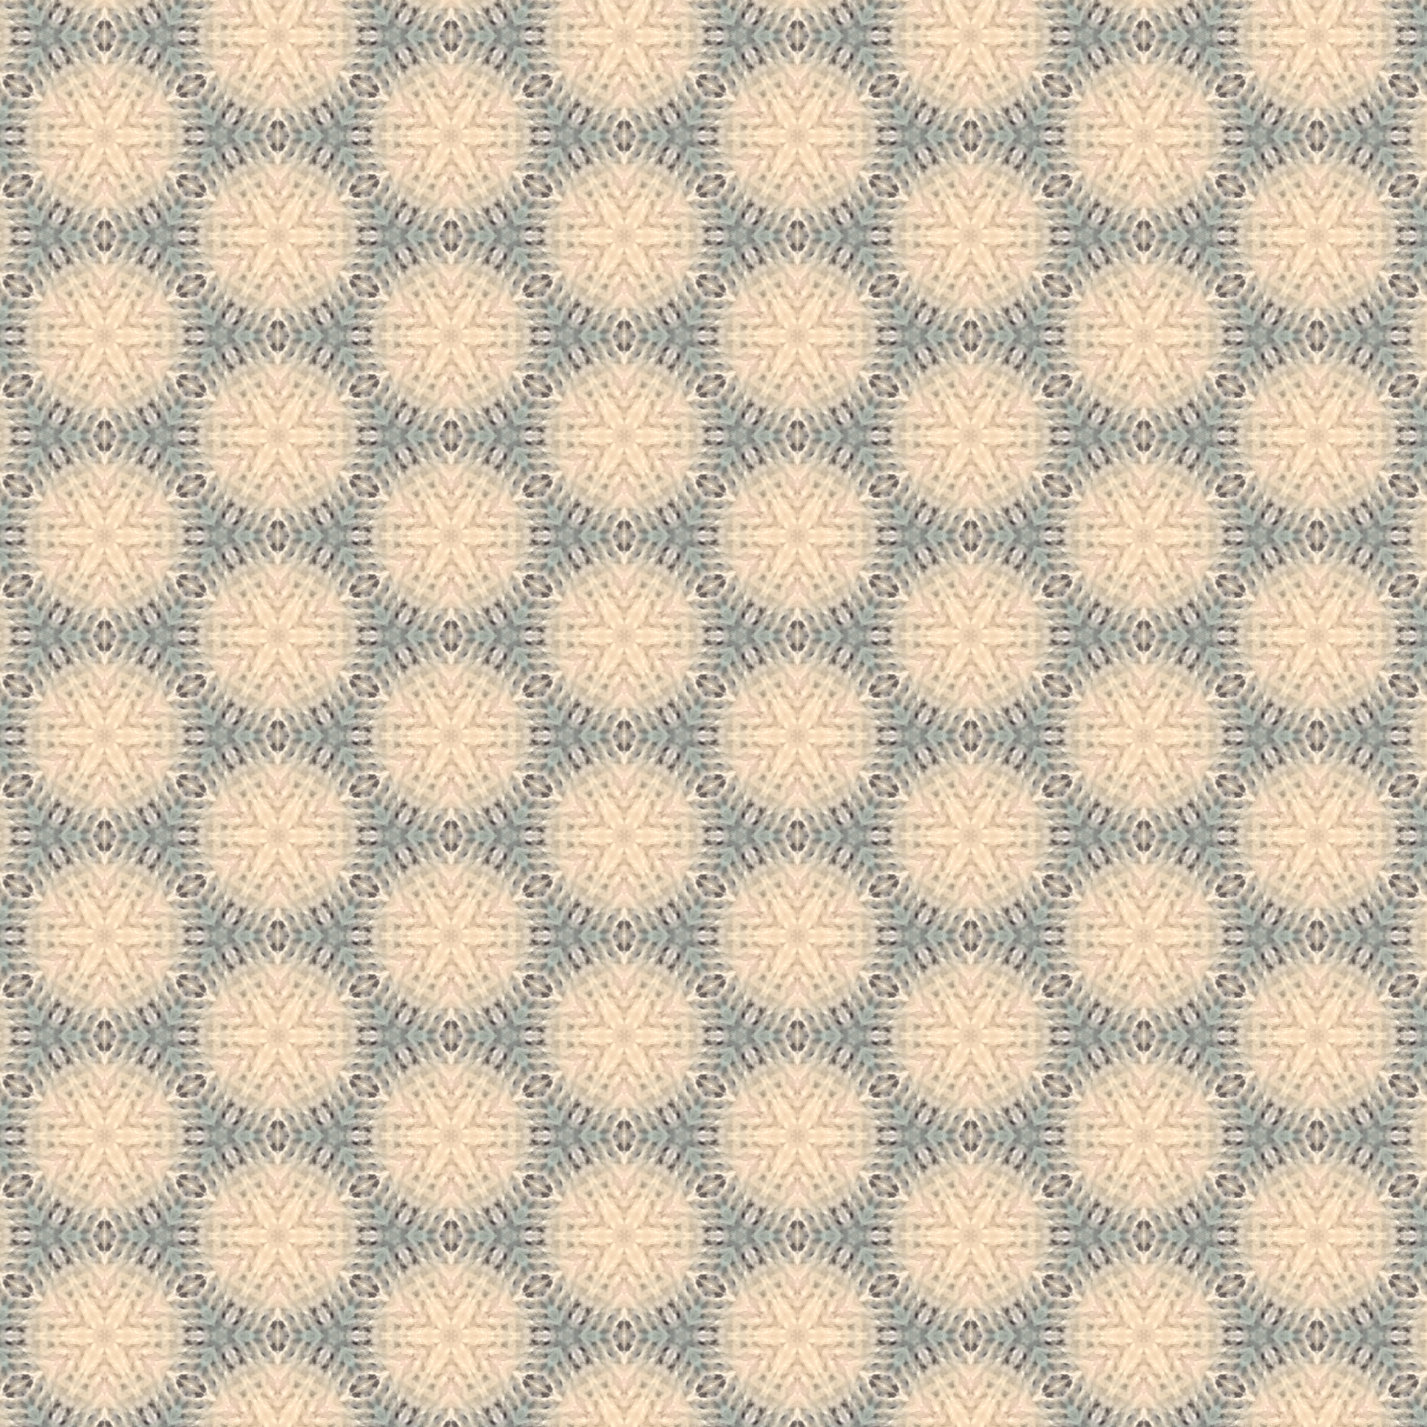 Fabric design _8873_i